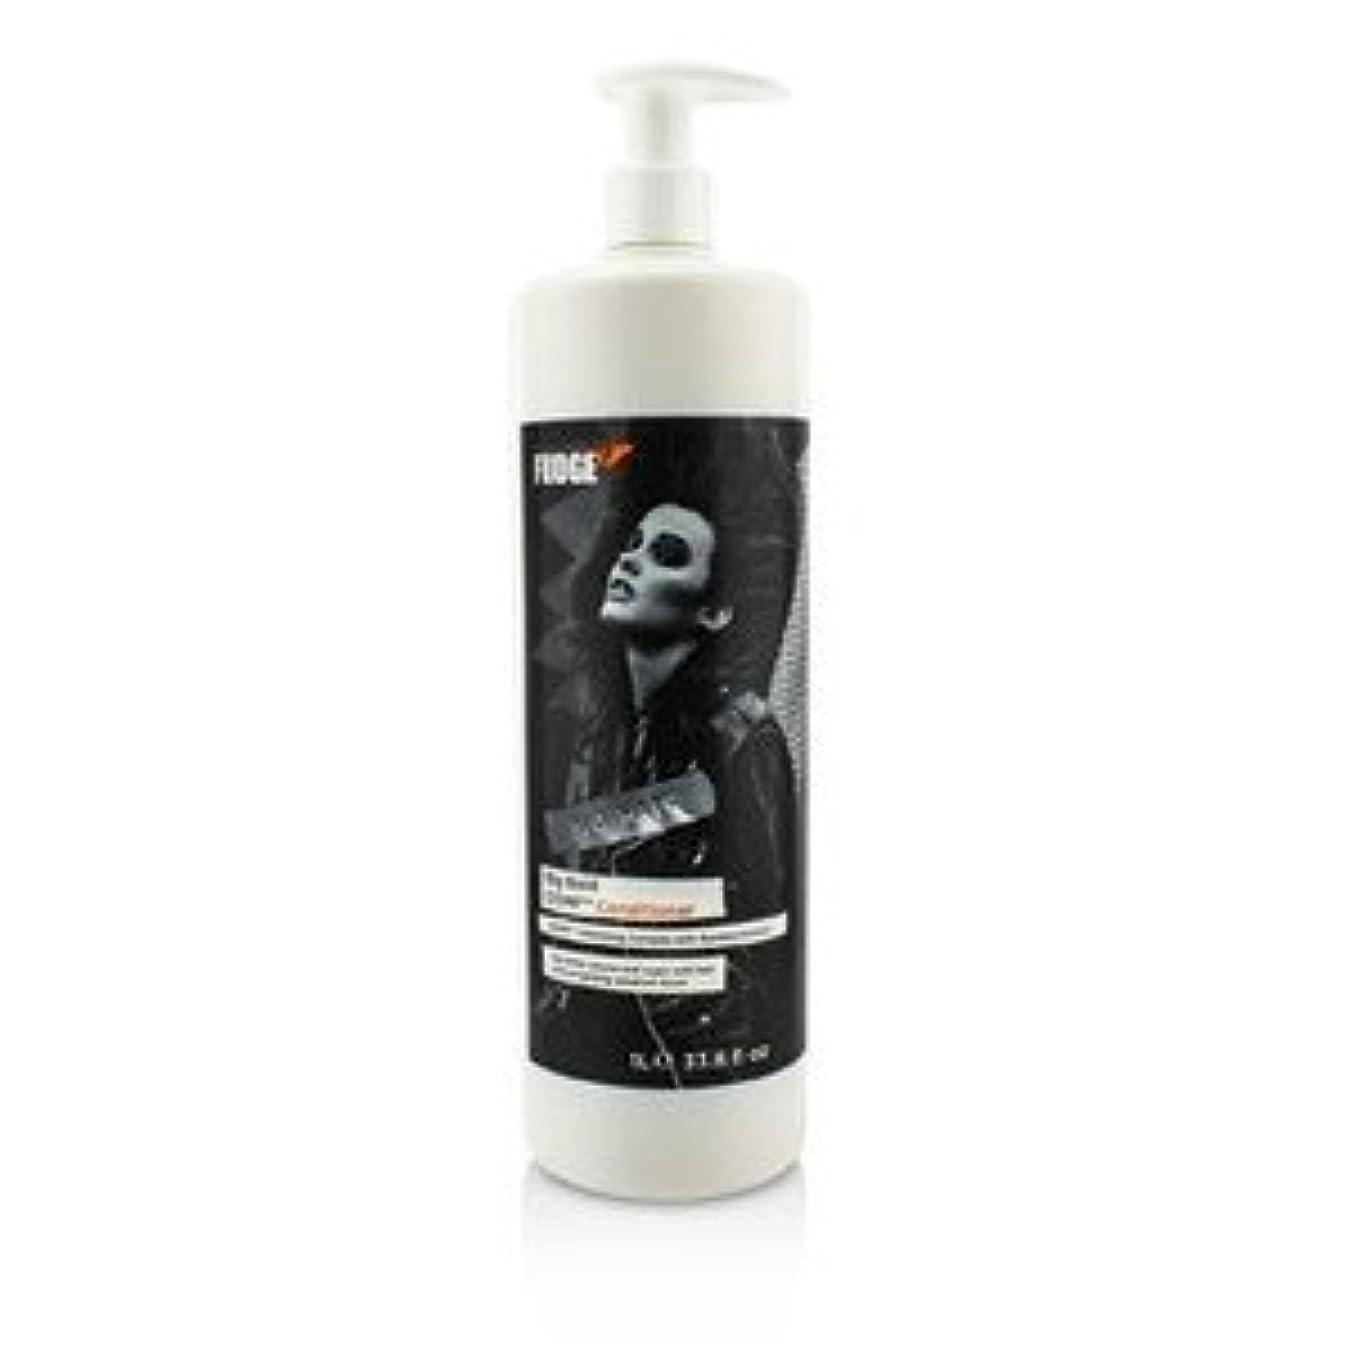 質素な然とした利得Fudge ビッグ ボールド OOMF コンディショナー(For Fine Hair) 1000ml/33.8oz [並行輸入品]